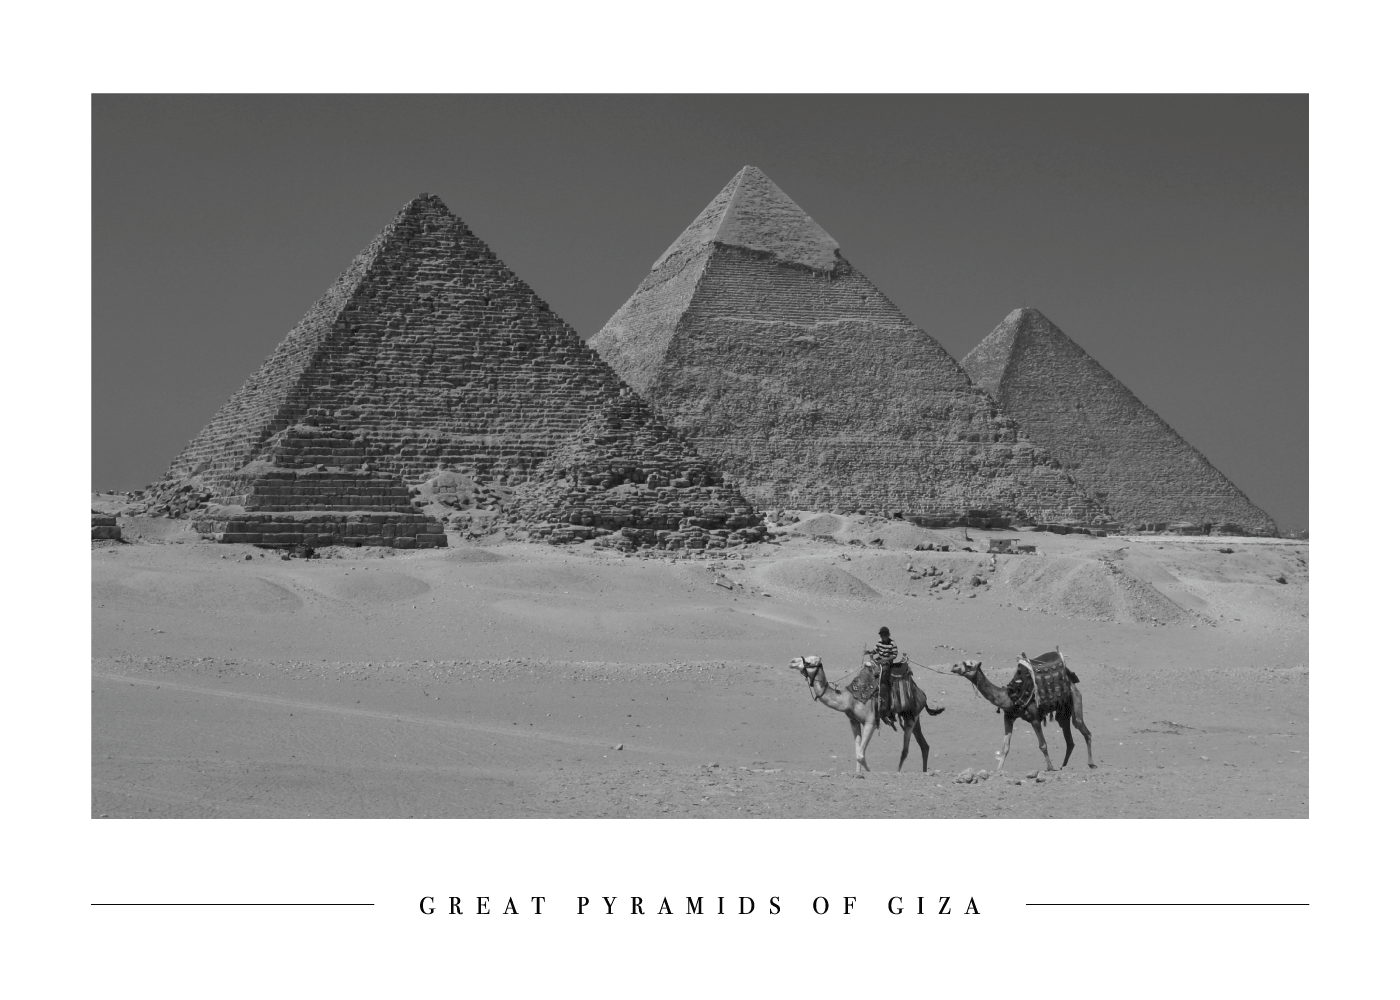 Pyramids of Giza - Plakat